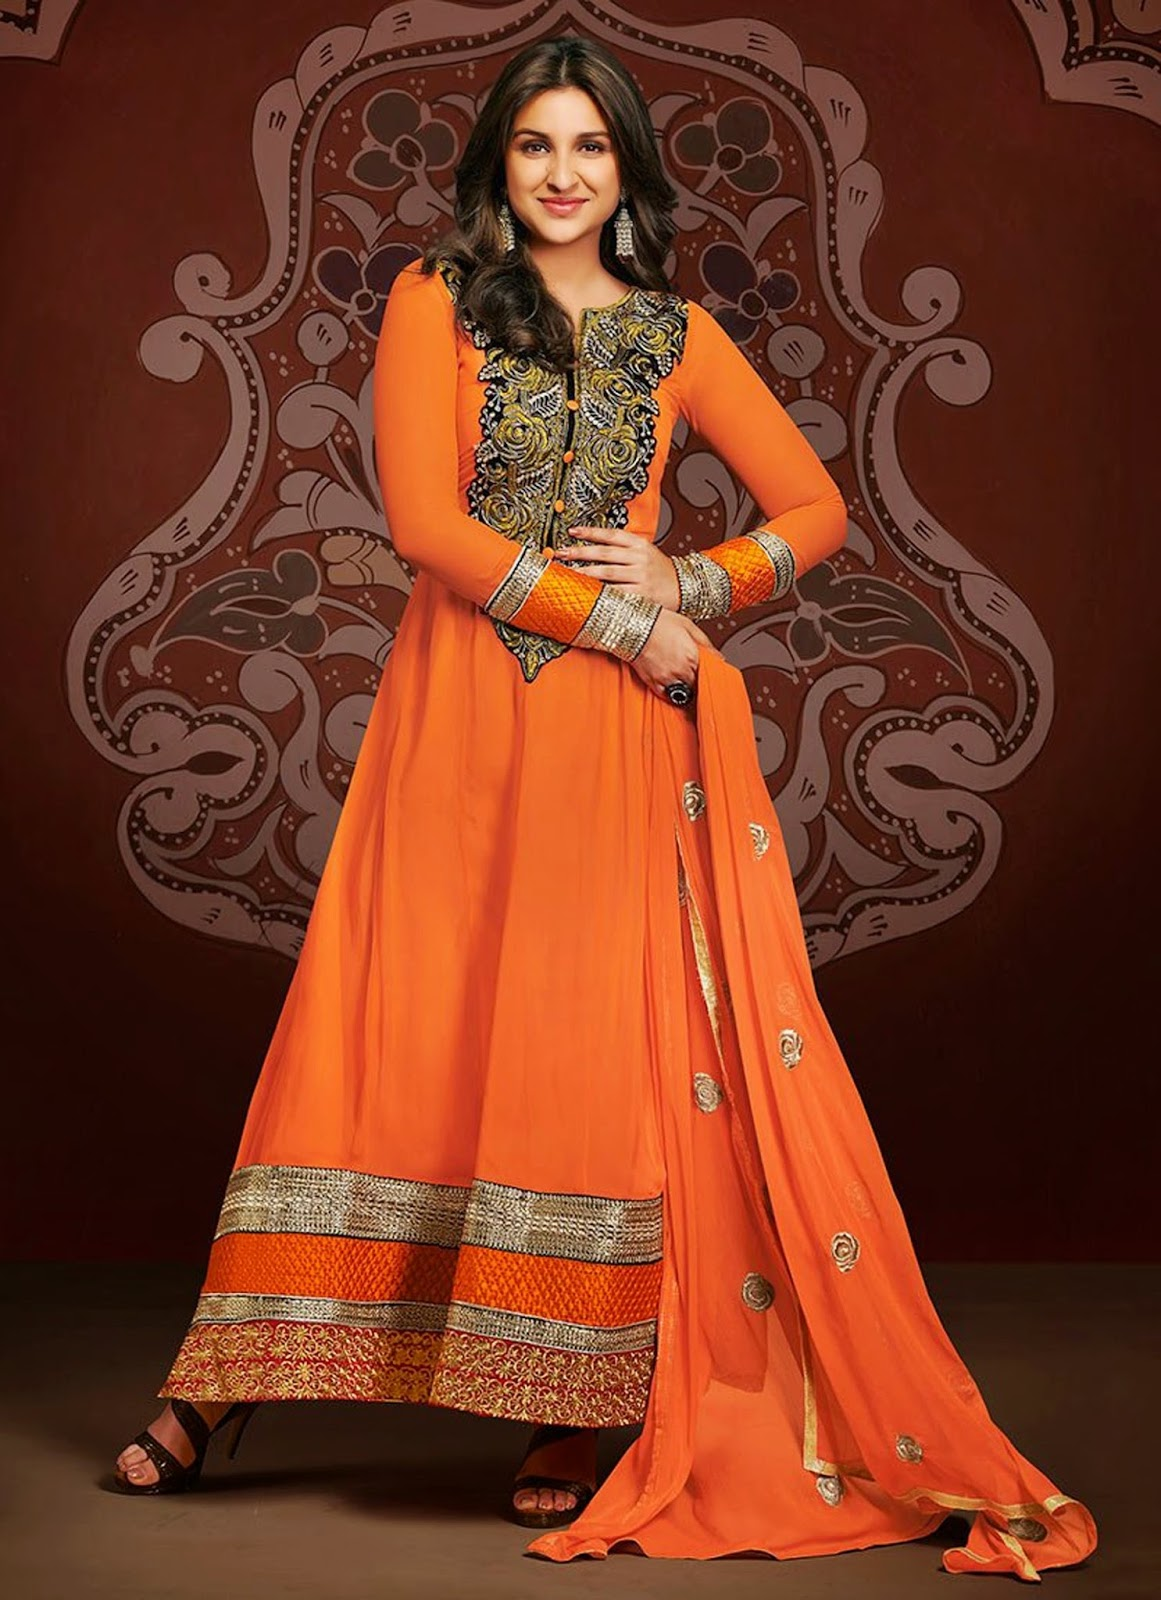 Parineeti Chopra Anarkali Suit Wallpapers Free Download